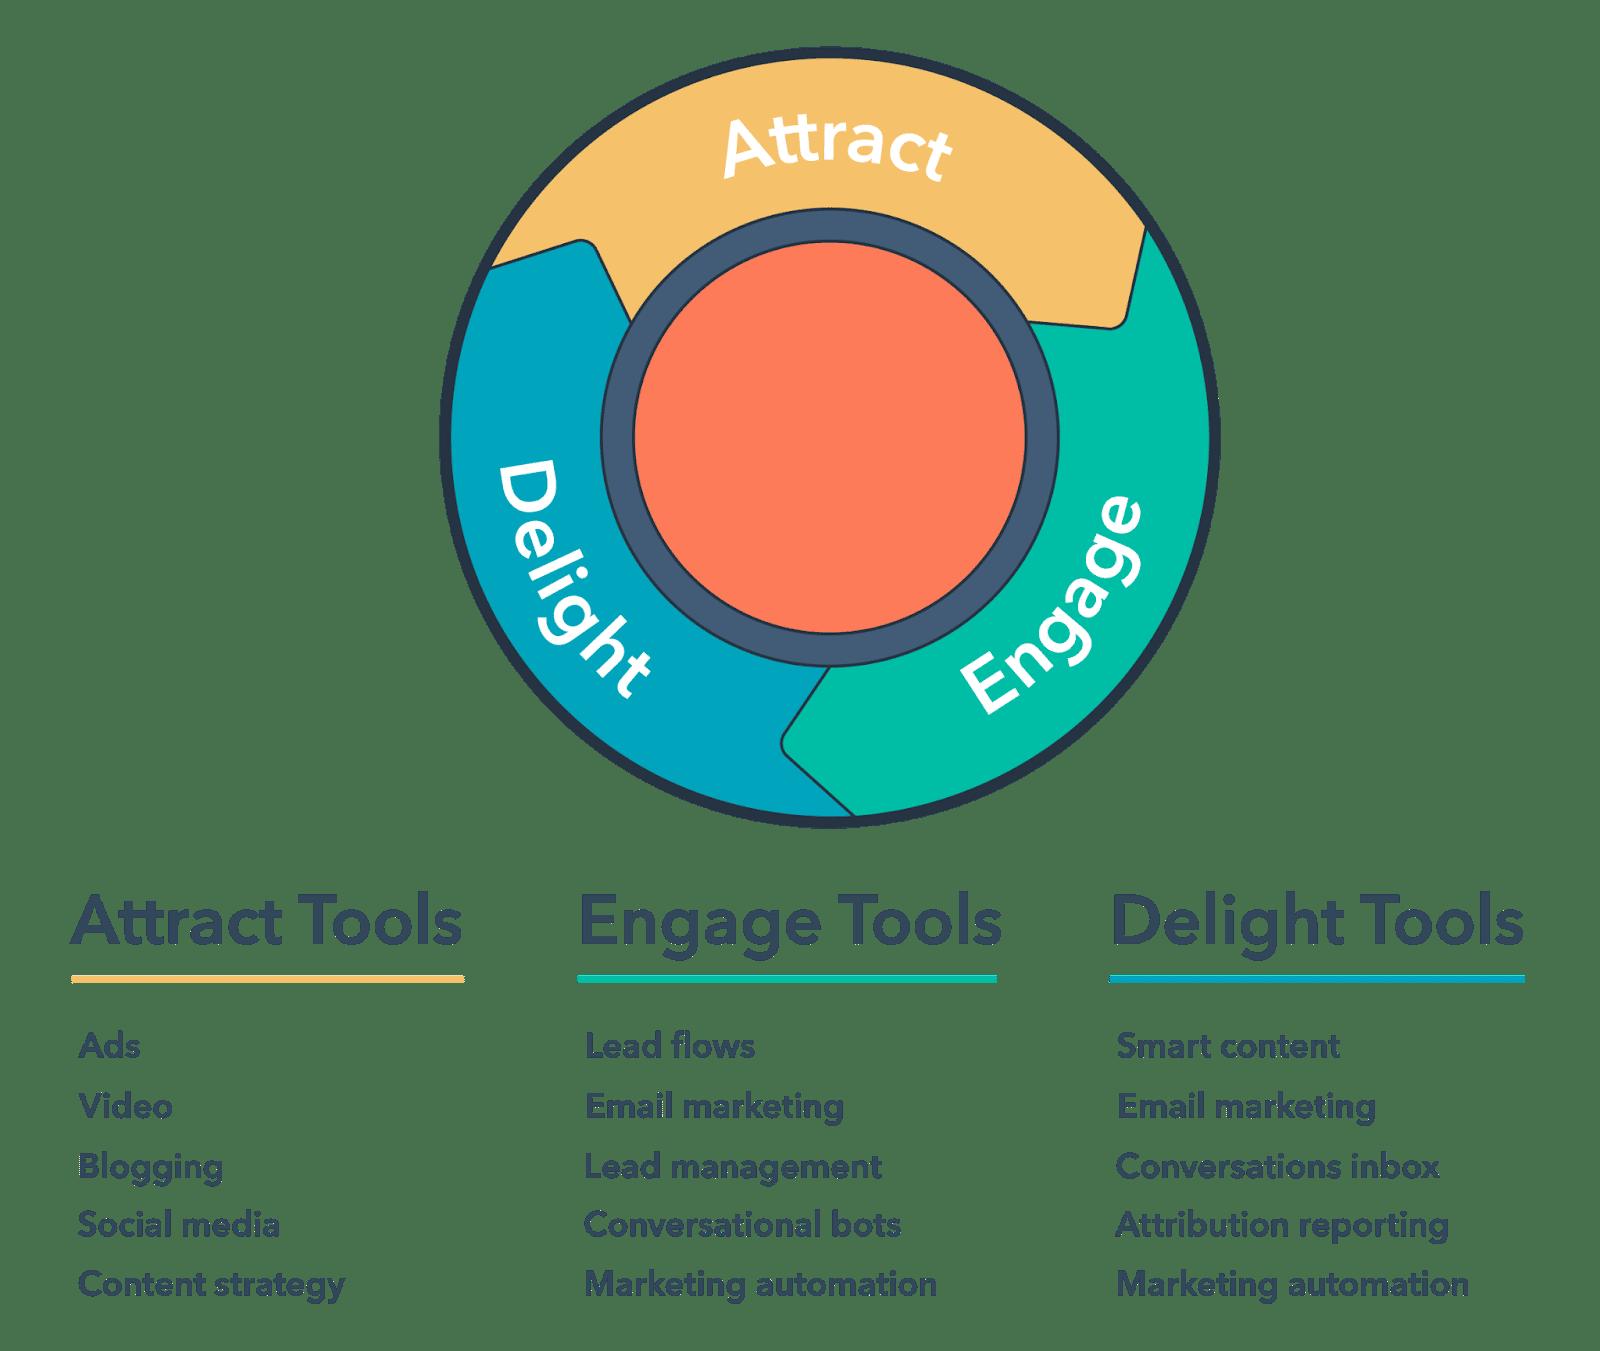 Inbound marketing tạo chia sẻ các thông tin hữu ích. Cách làm này dựa trên các thông tin và sự tiếp cận của các người tiêu dùng về những yếu tố họ đang cần giải quyết có liên quan tới sản phẩm, dịch vụ công ty bổ sung.